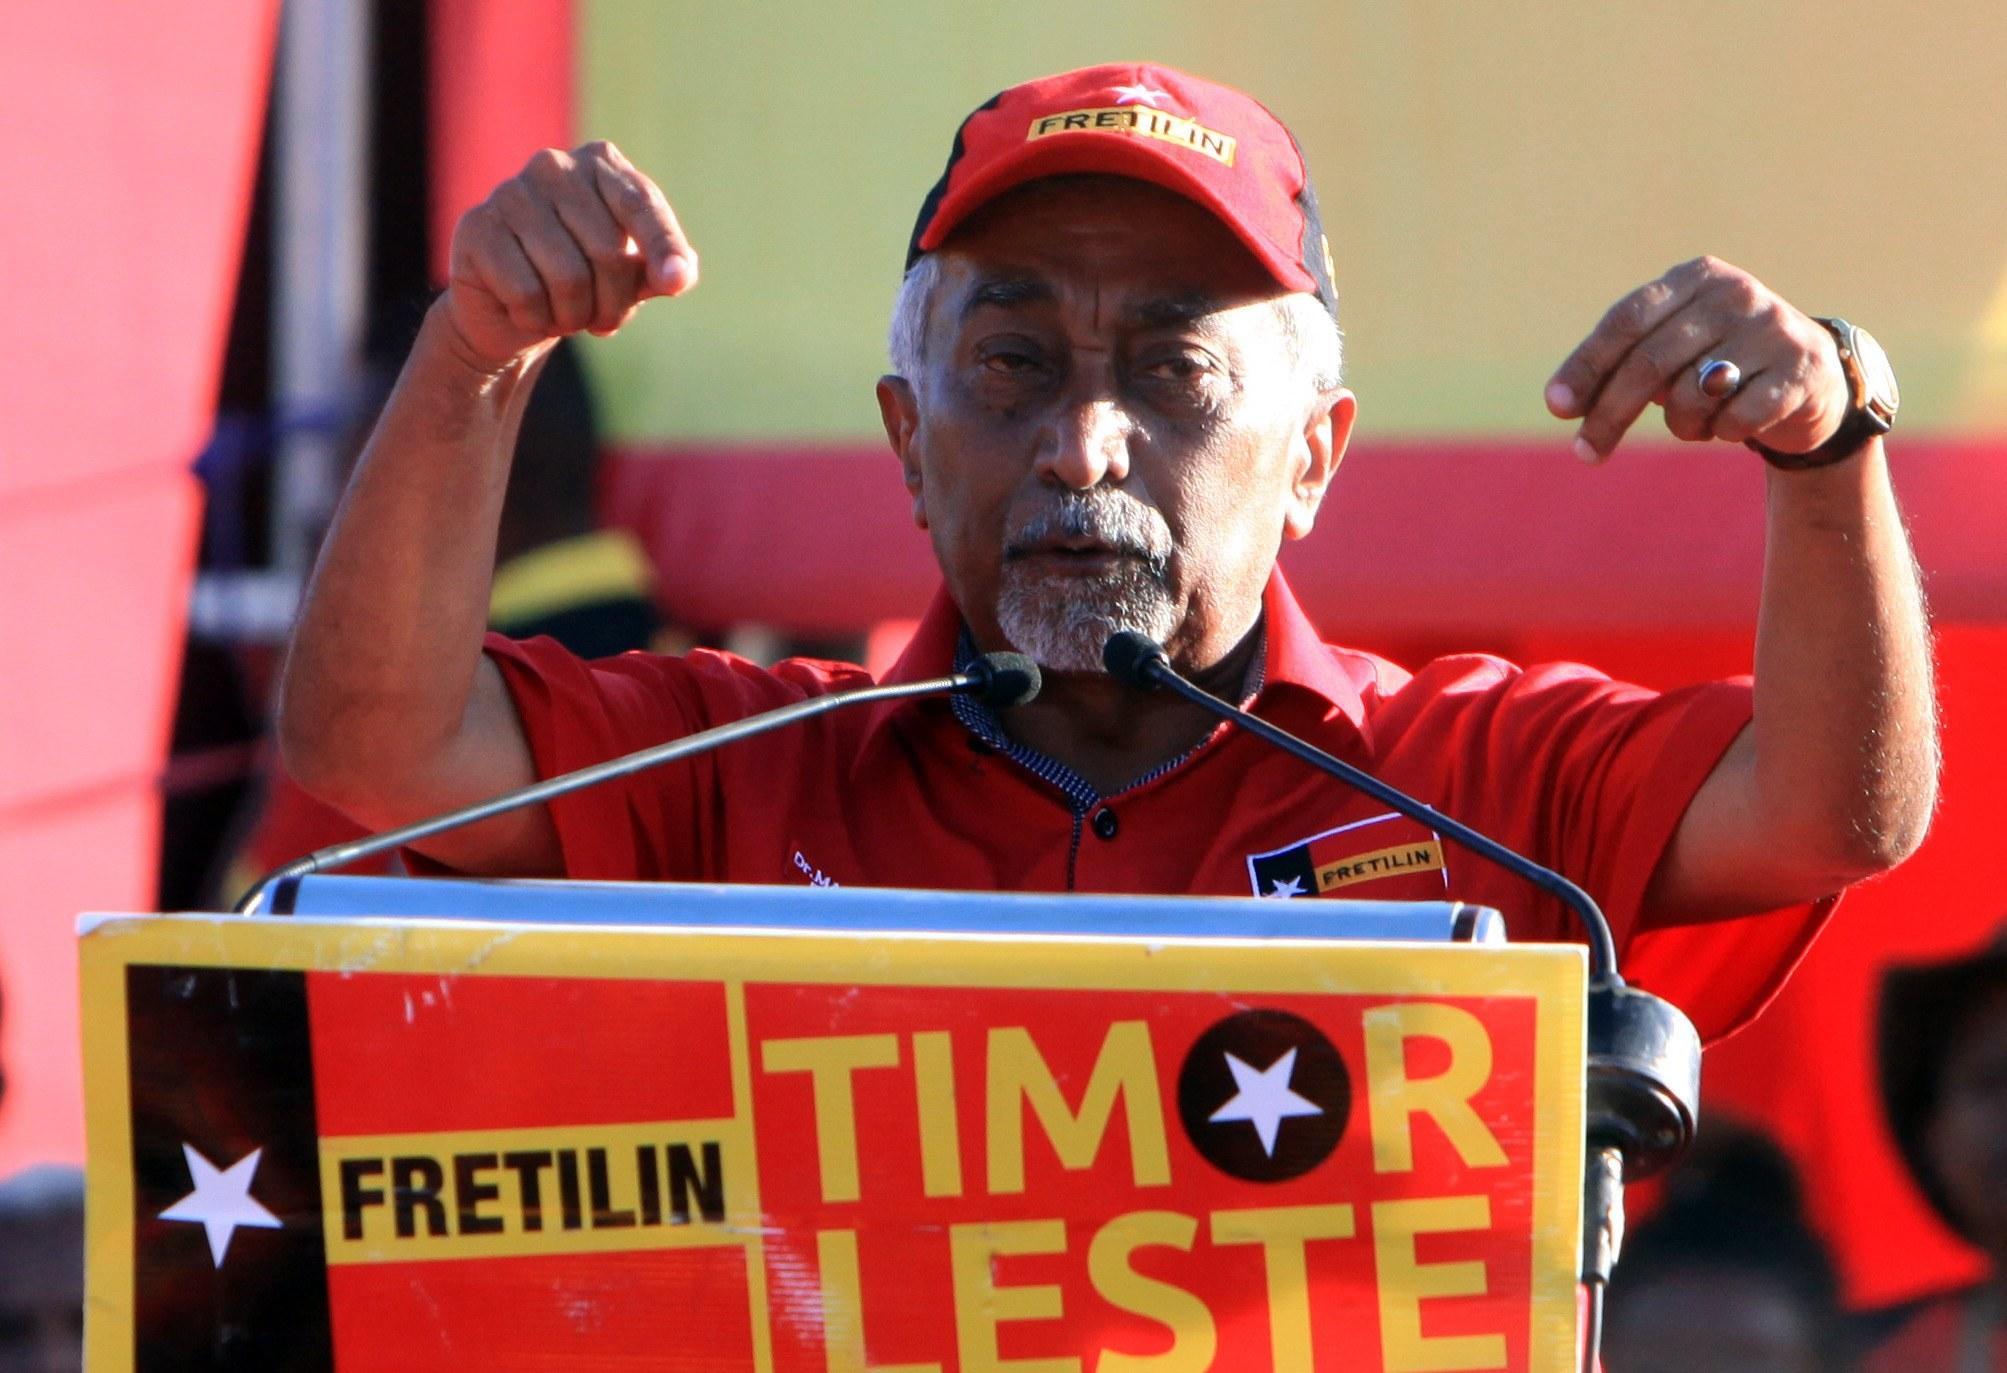 """Fretilin diz que nova coligação em Timor-Leste """"não tem qualquer futuro"""" e que PM foi usado"""